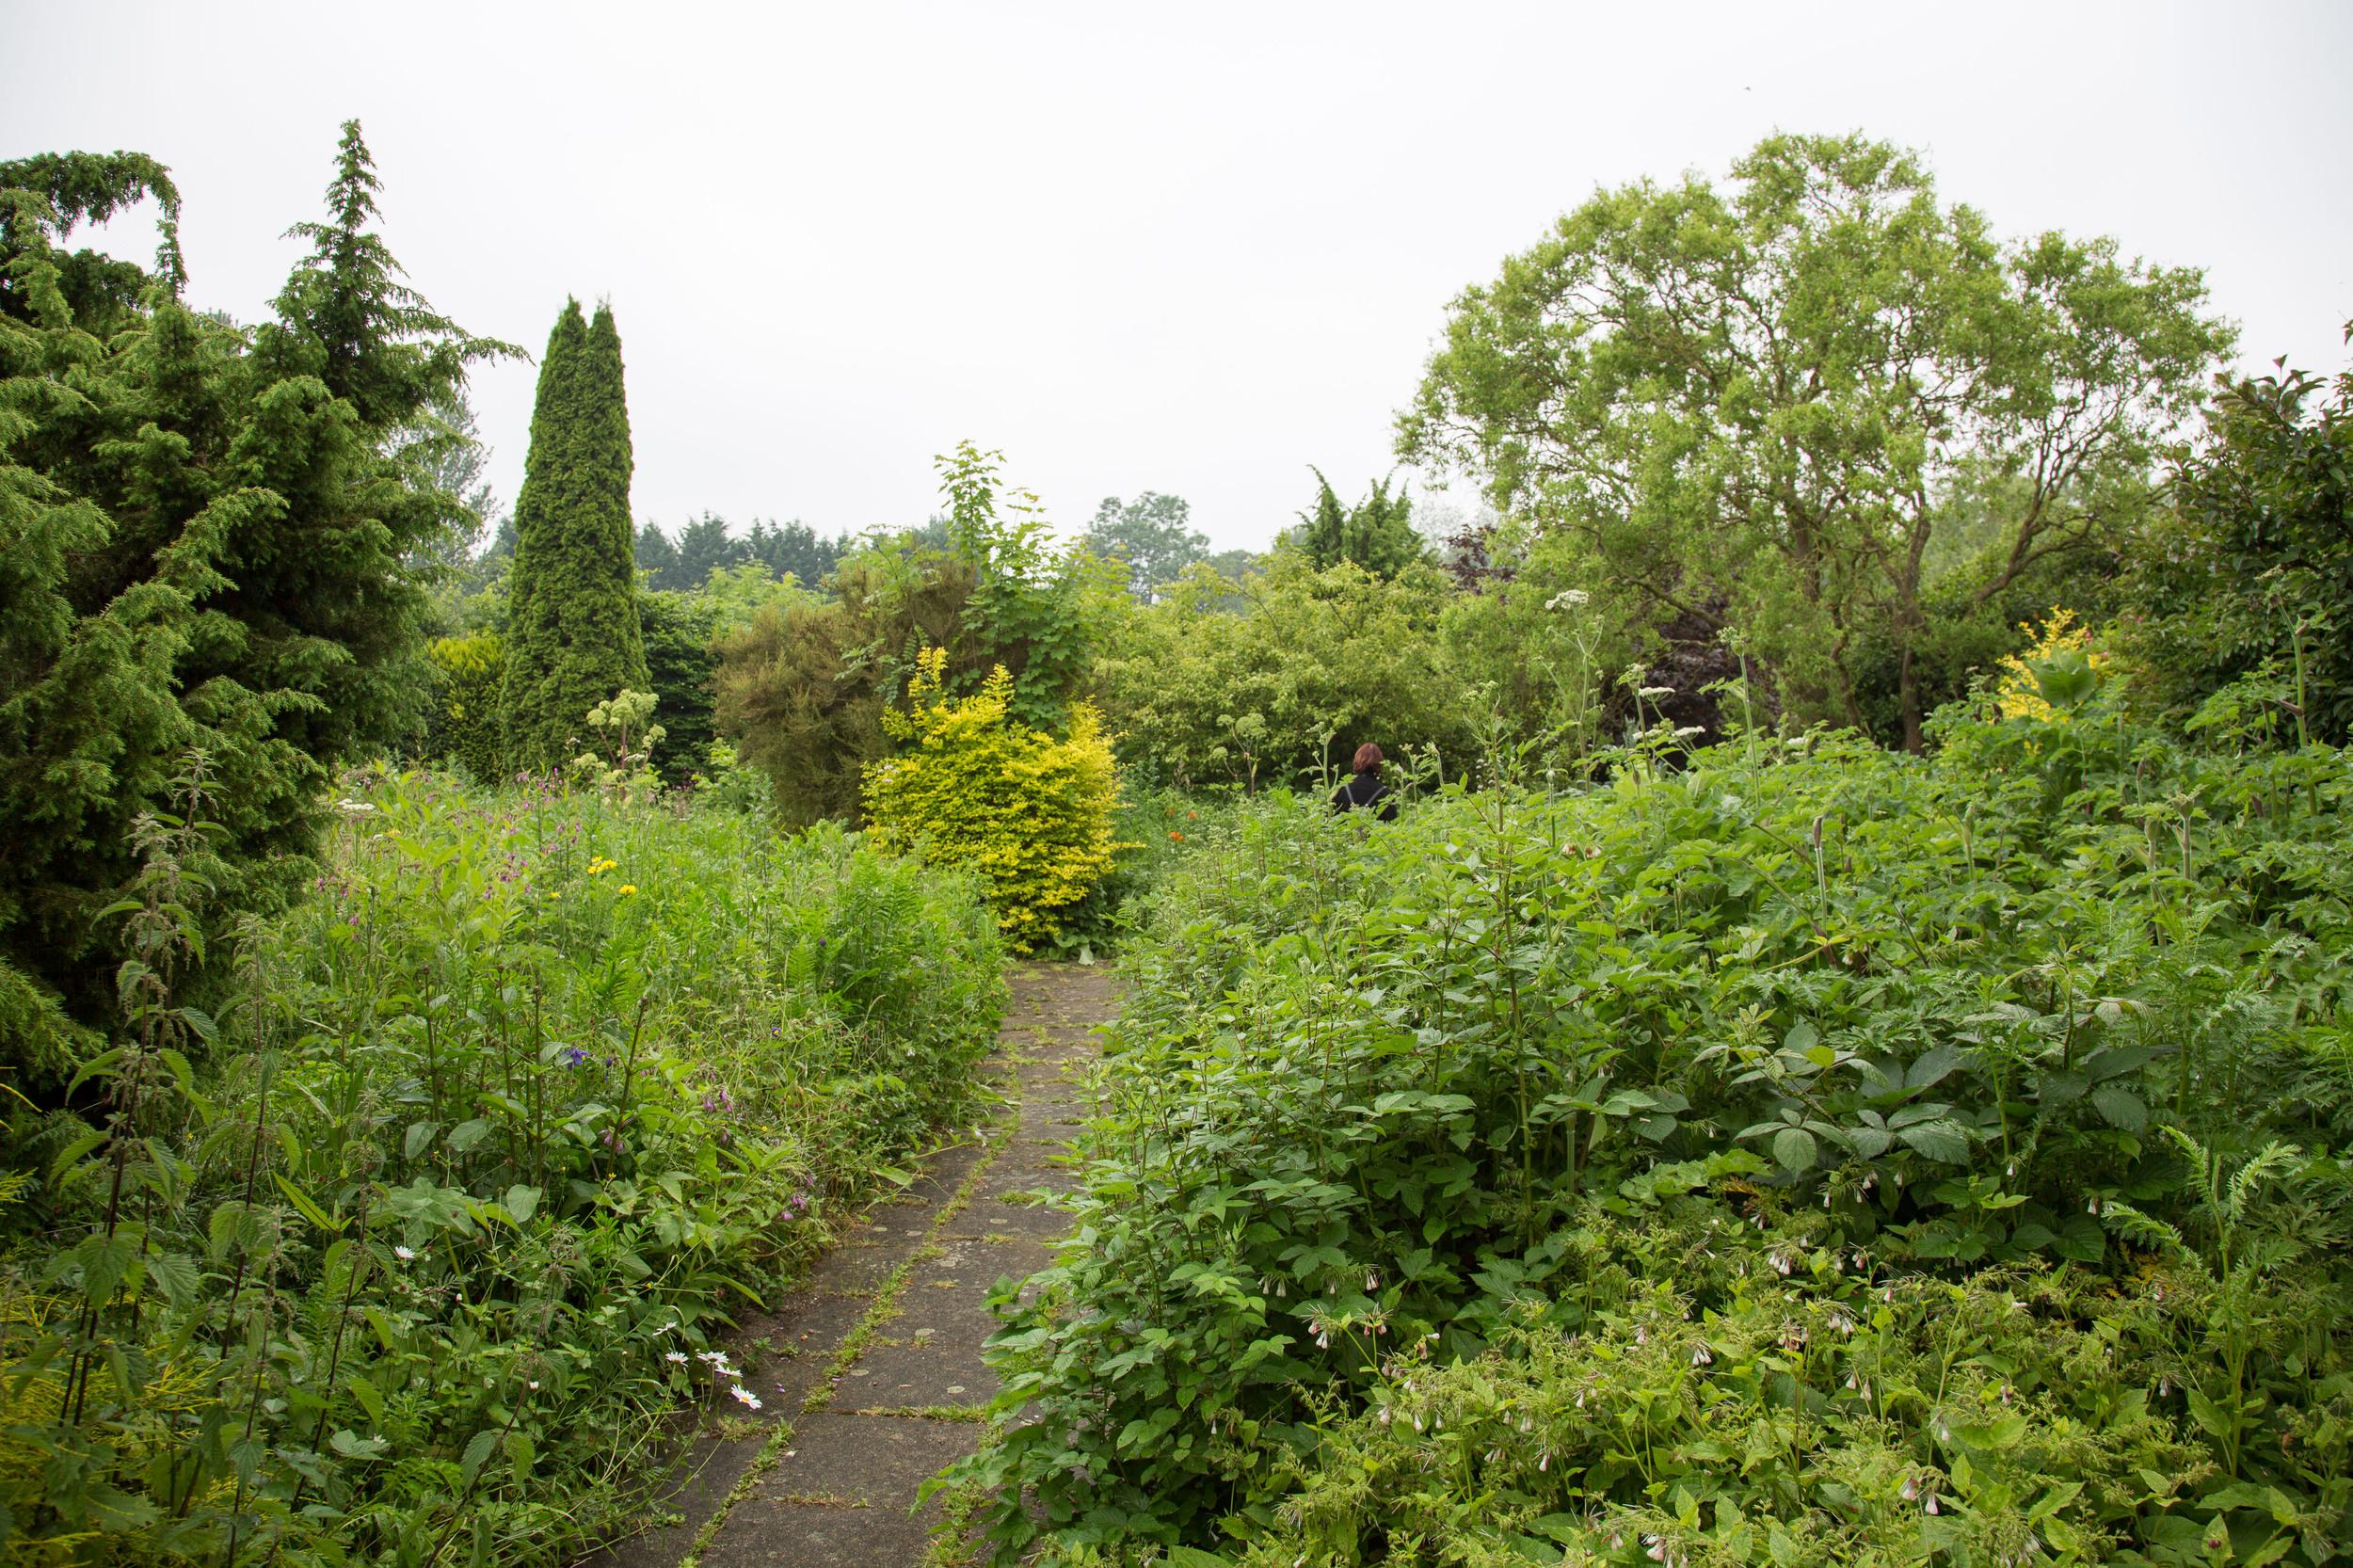 Iden crofts Garten (3012 von 14).jpg